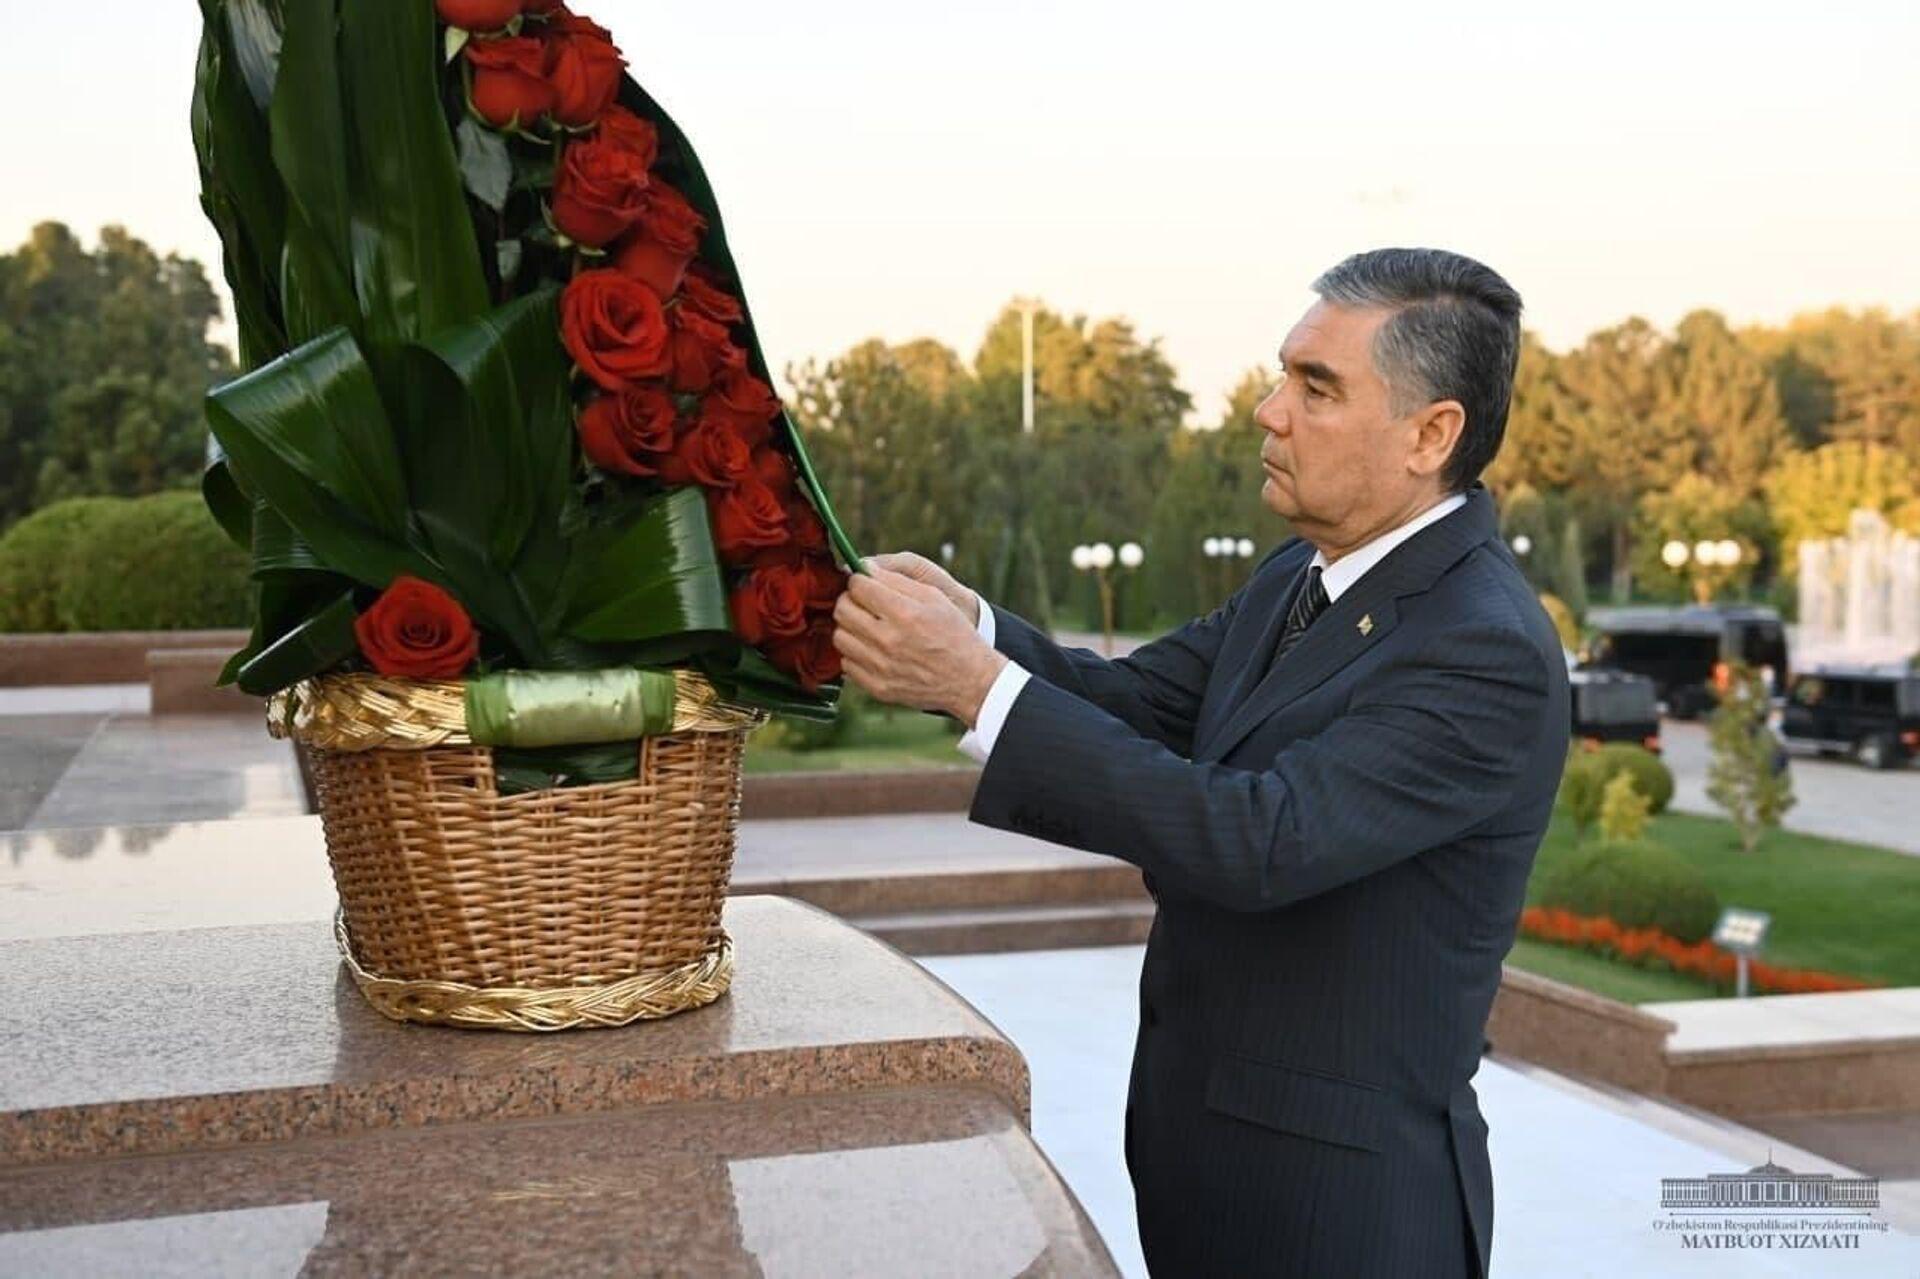 Президент Туркменистана Гурбангулы Бердымухамедов возложил цветы к подножию Монумента независимости и гуманизма. - Sputnik Узбекистан, 1920, 04.10.2021